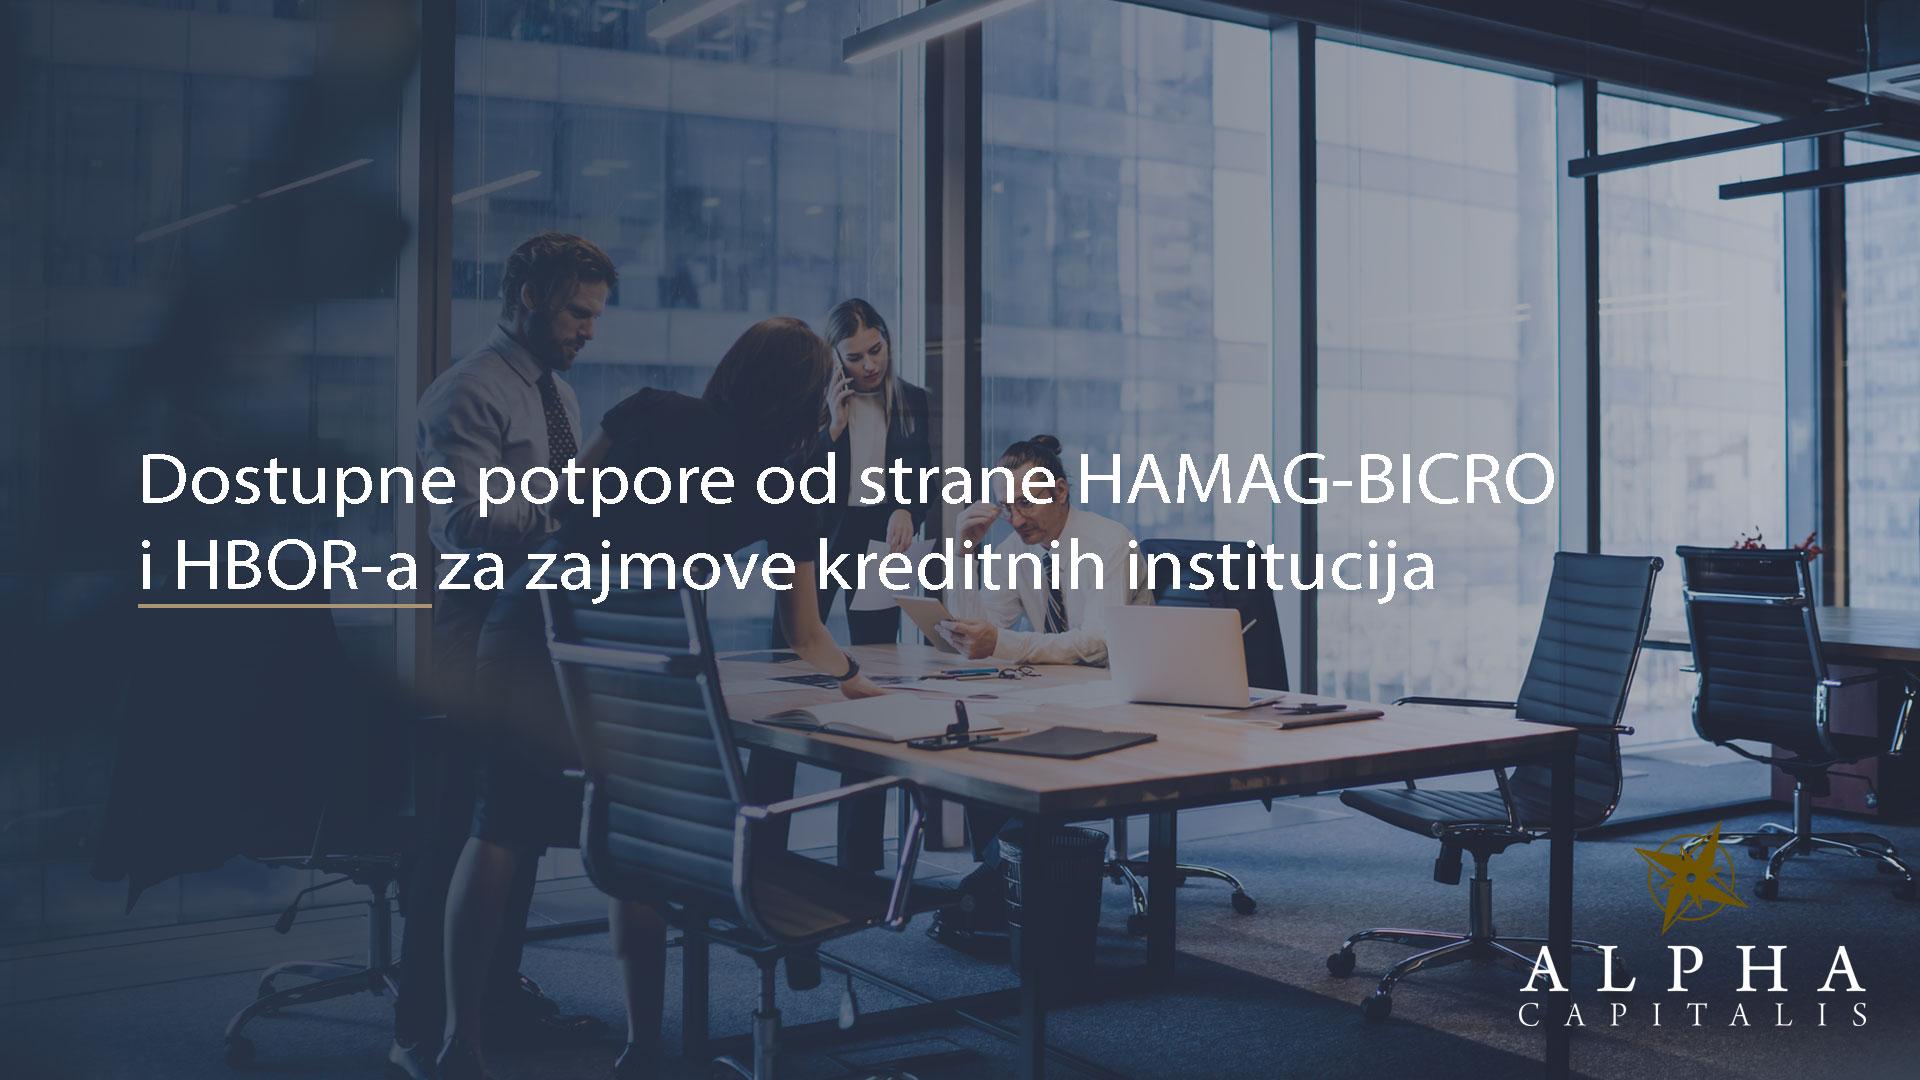 Dostupne-potpore-od-strane-HAMAG-BICRO-i-HBOR-a-za-zajmove-kreditnih-institucija